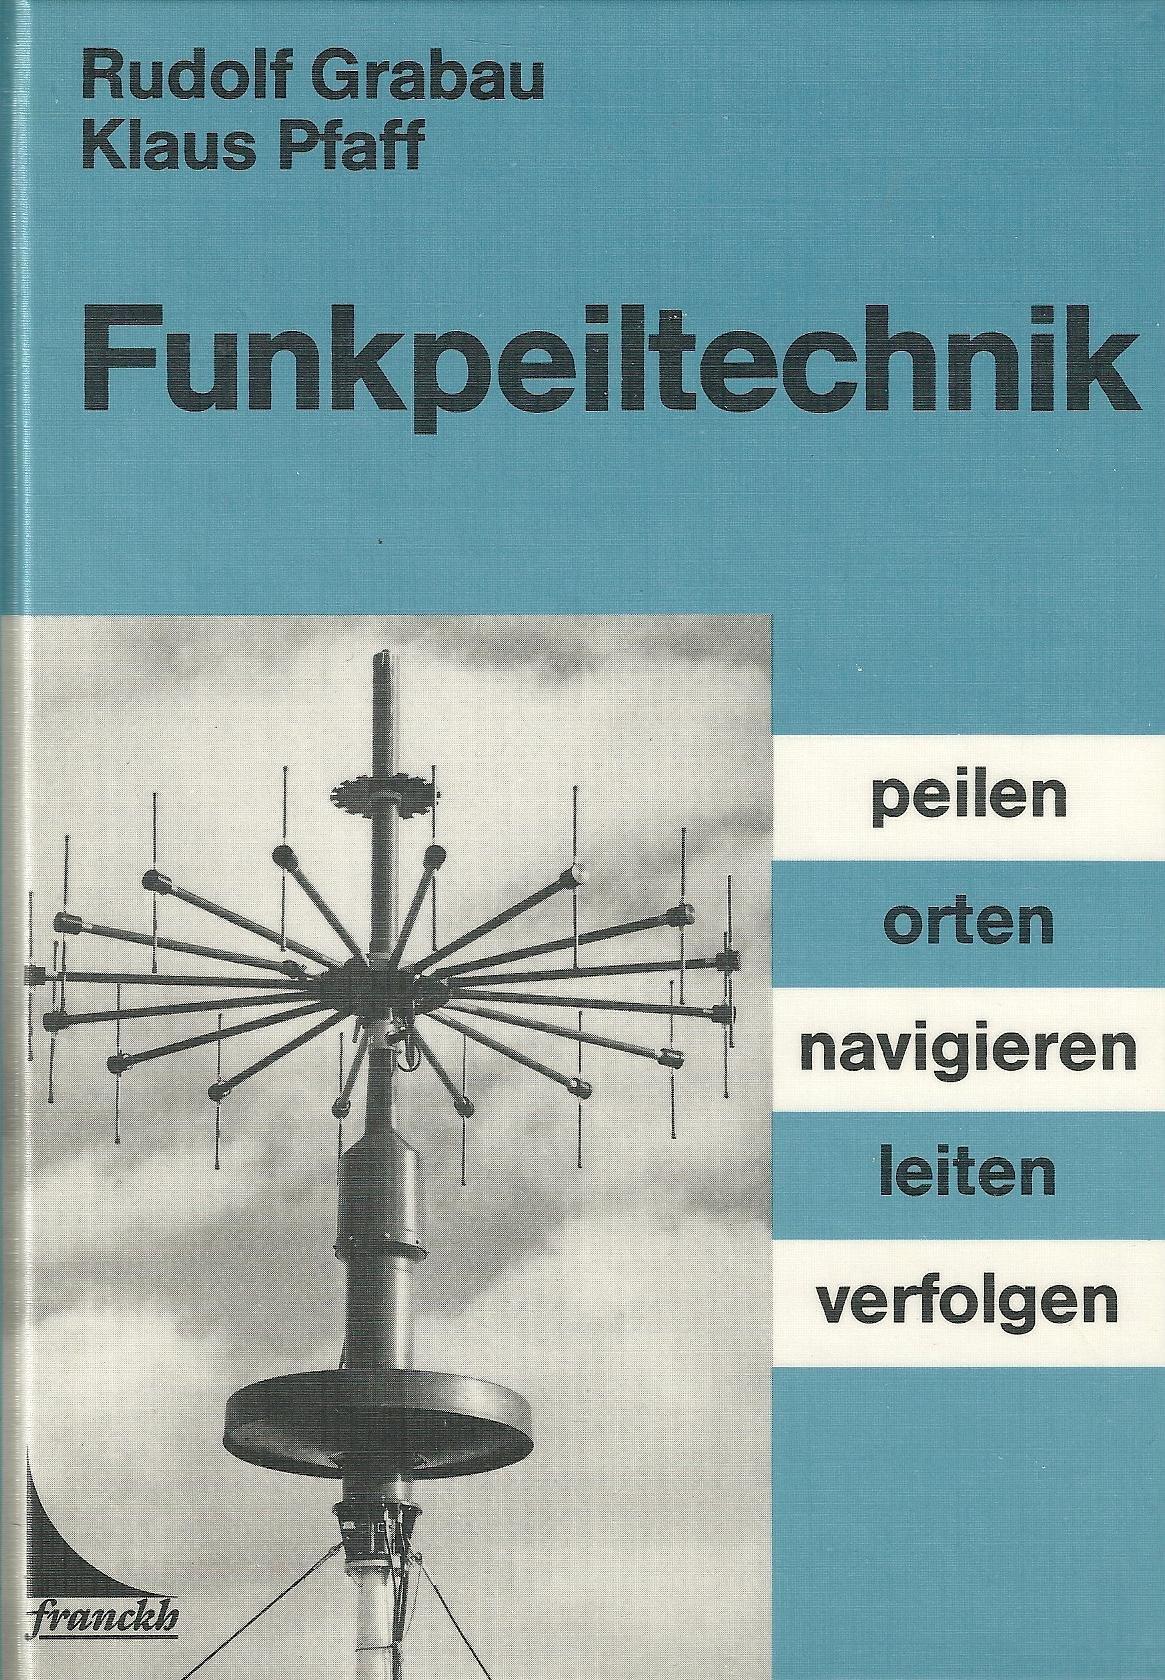 Funkpeiltechnik. Peilen, orten, navigieren, leiten, verfolgen Gebundenes Buch – 1989 Rudolf Grabau Klaus Pfaff Franckh 344005991X